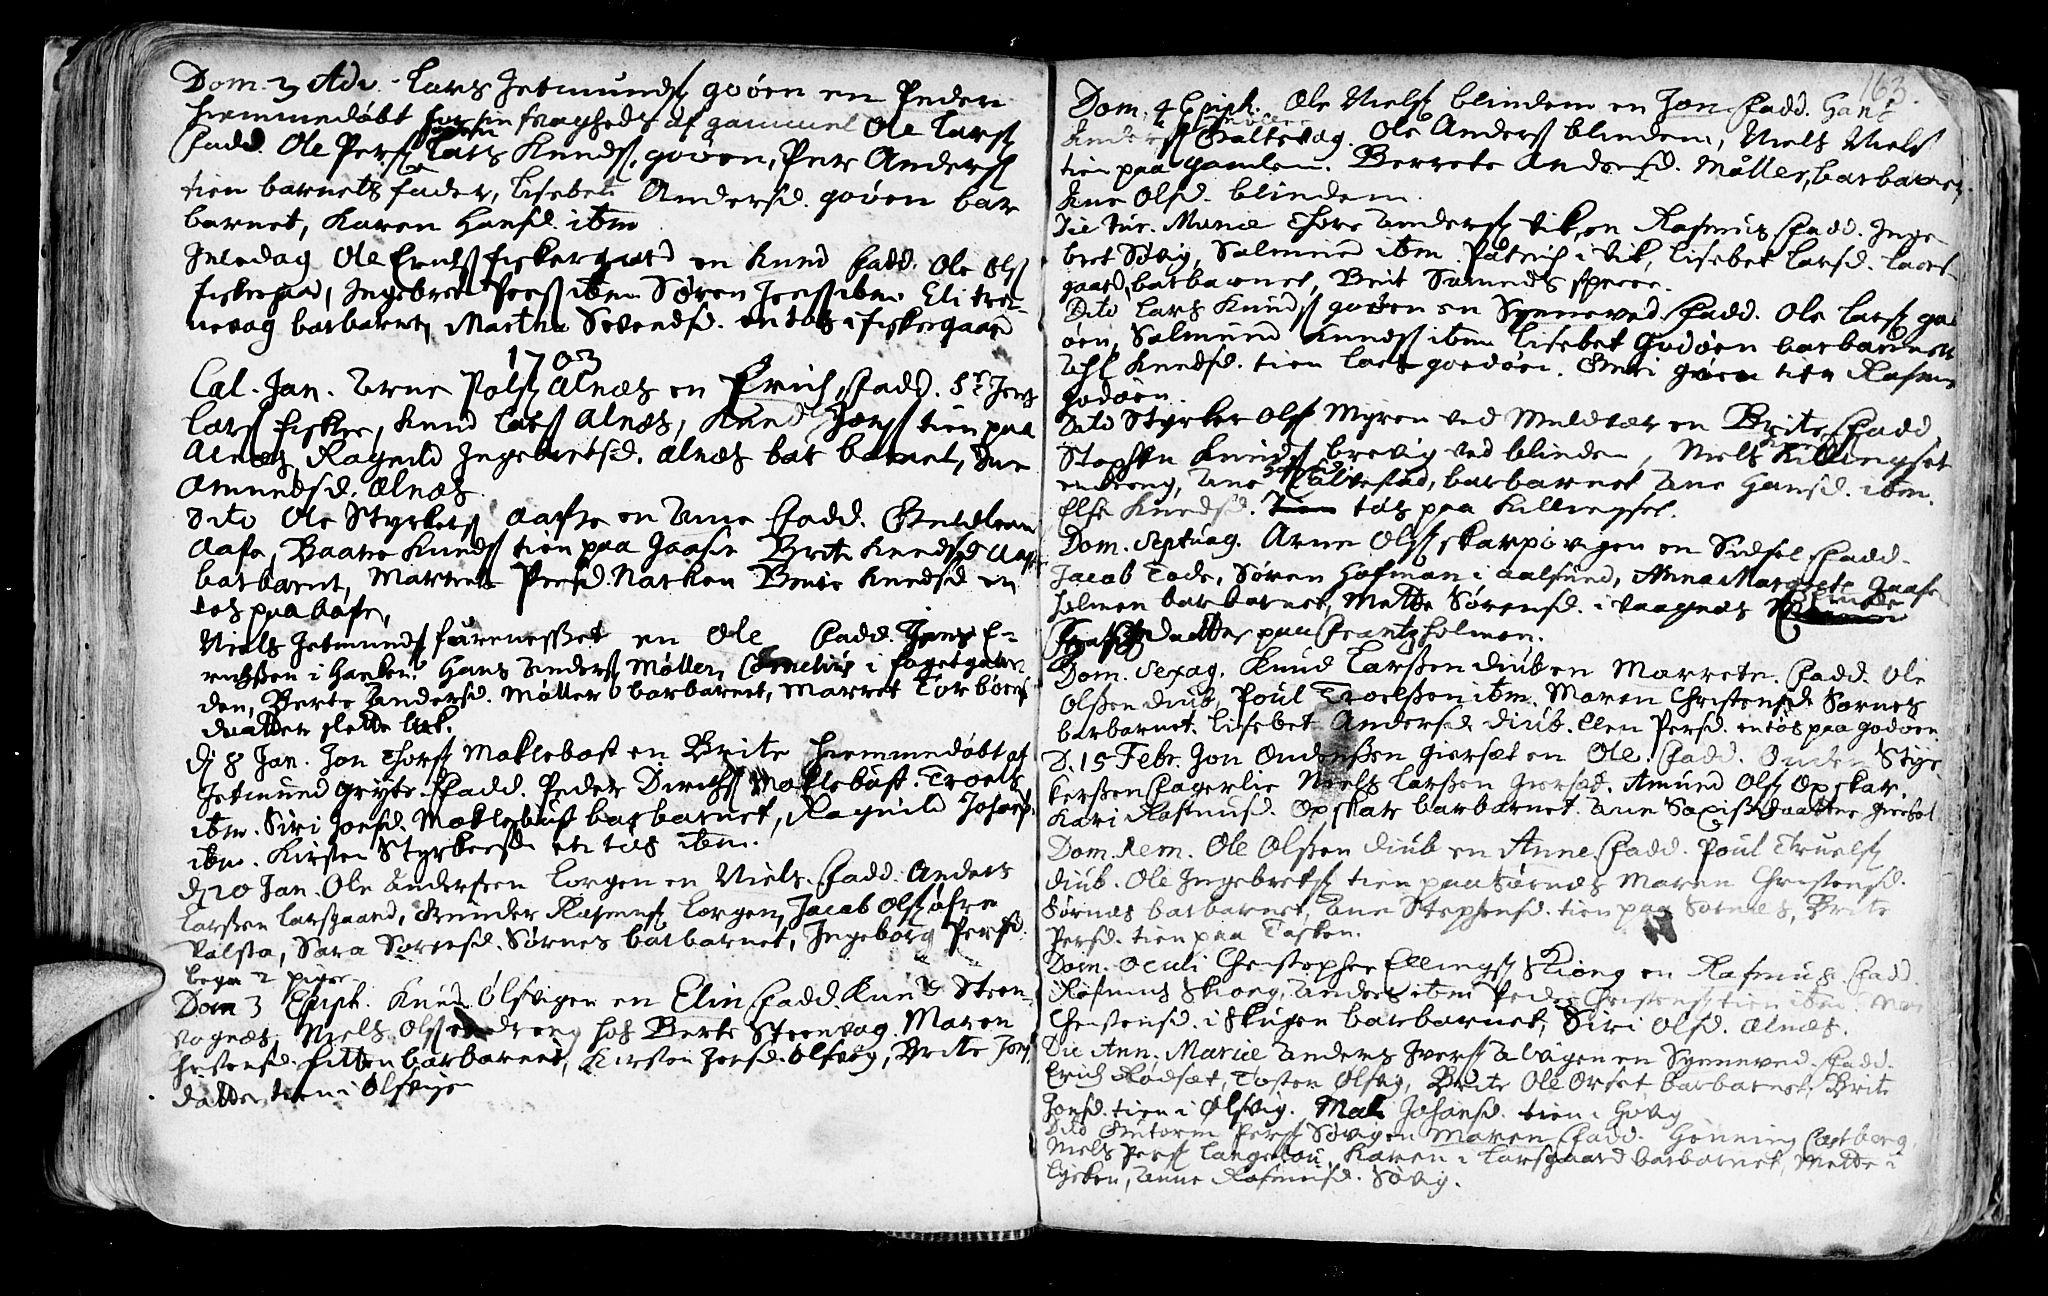 SAT, Ministerialprotokoller, klokkerbøker og fødselsregistre - Møre og Romsdal, 528/L0390: Ministerialbok nr. 528A01, 1698-1739, s. 162-163